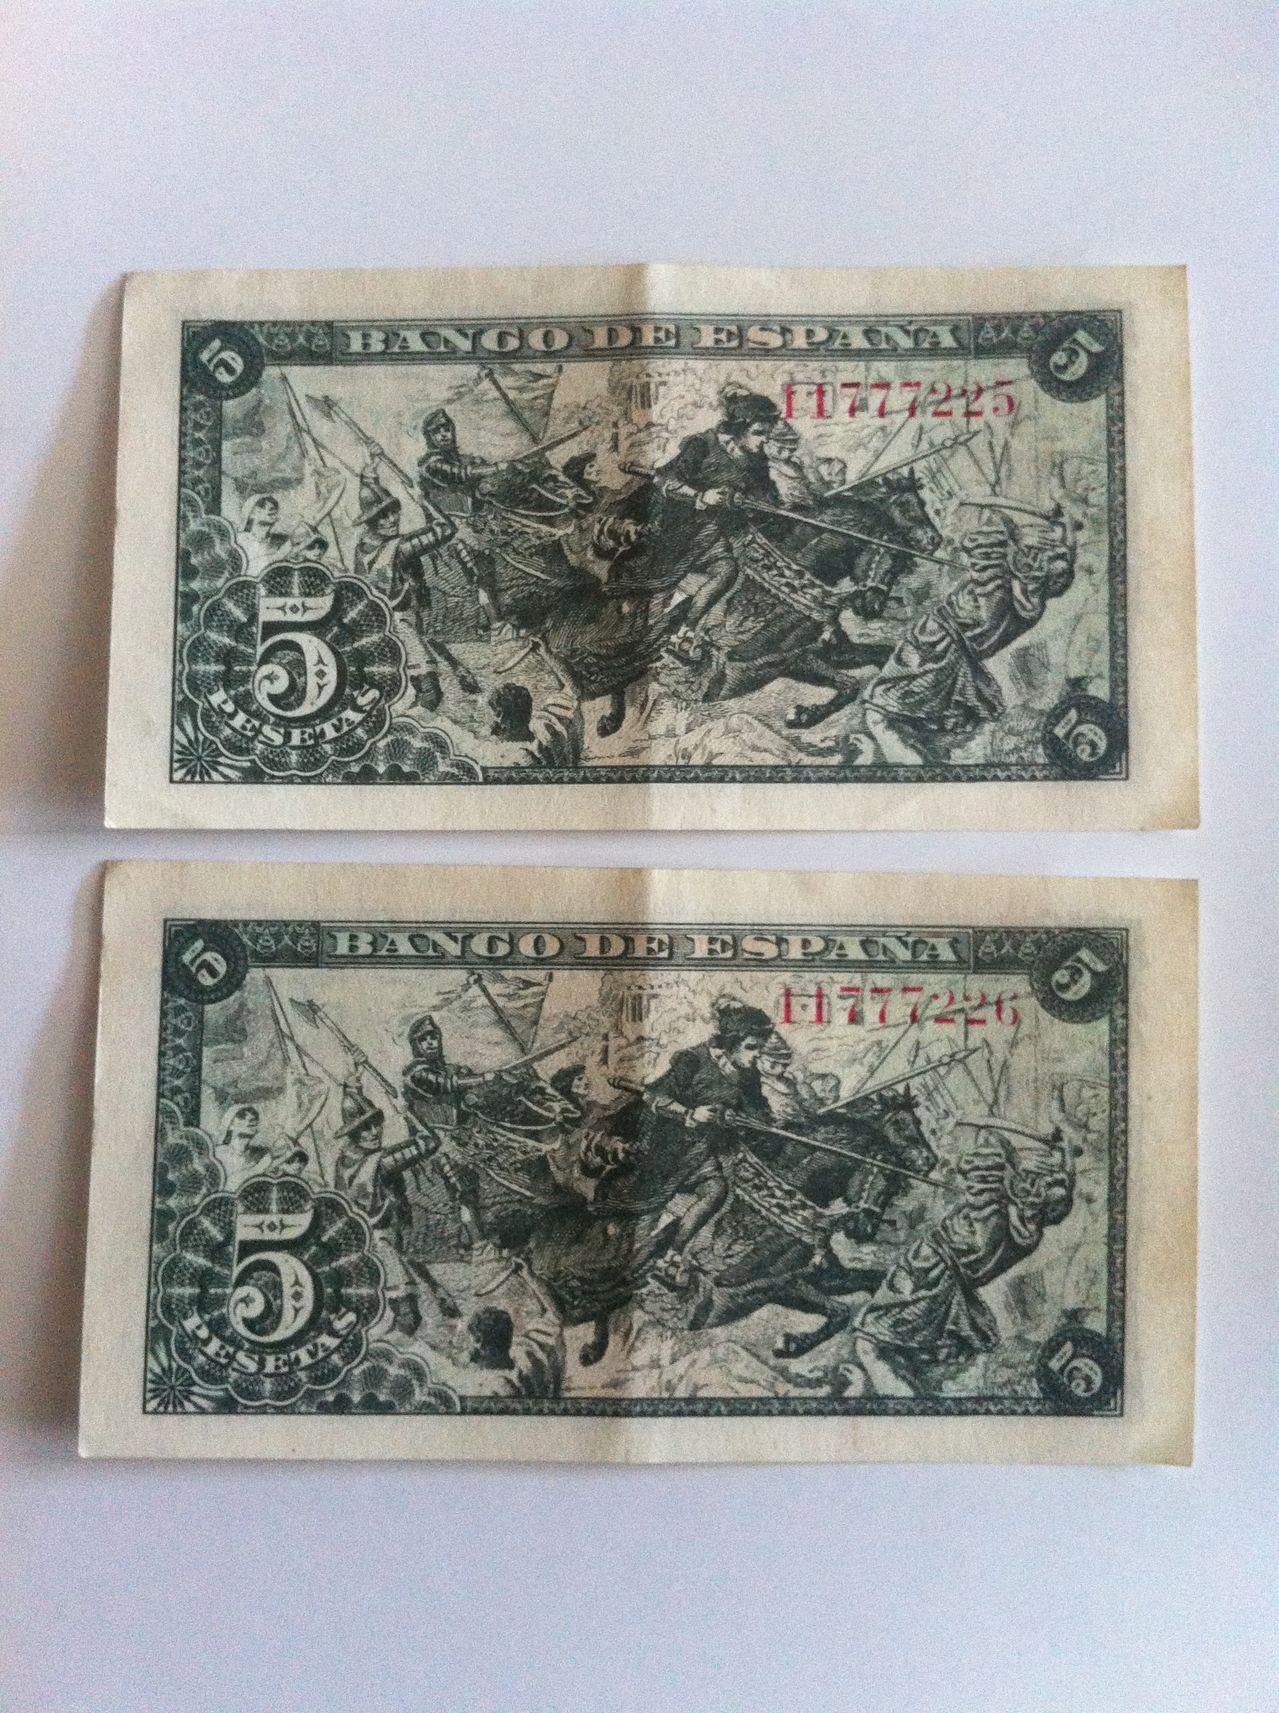 Ayuda para valorar coleccion de billetes IMG_4990